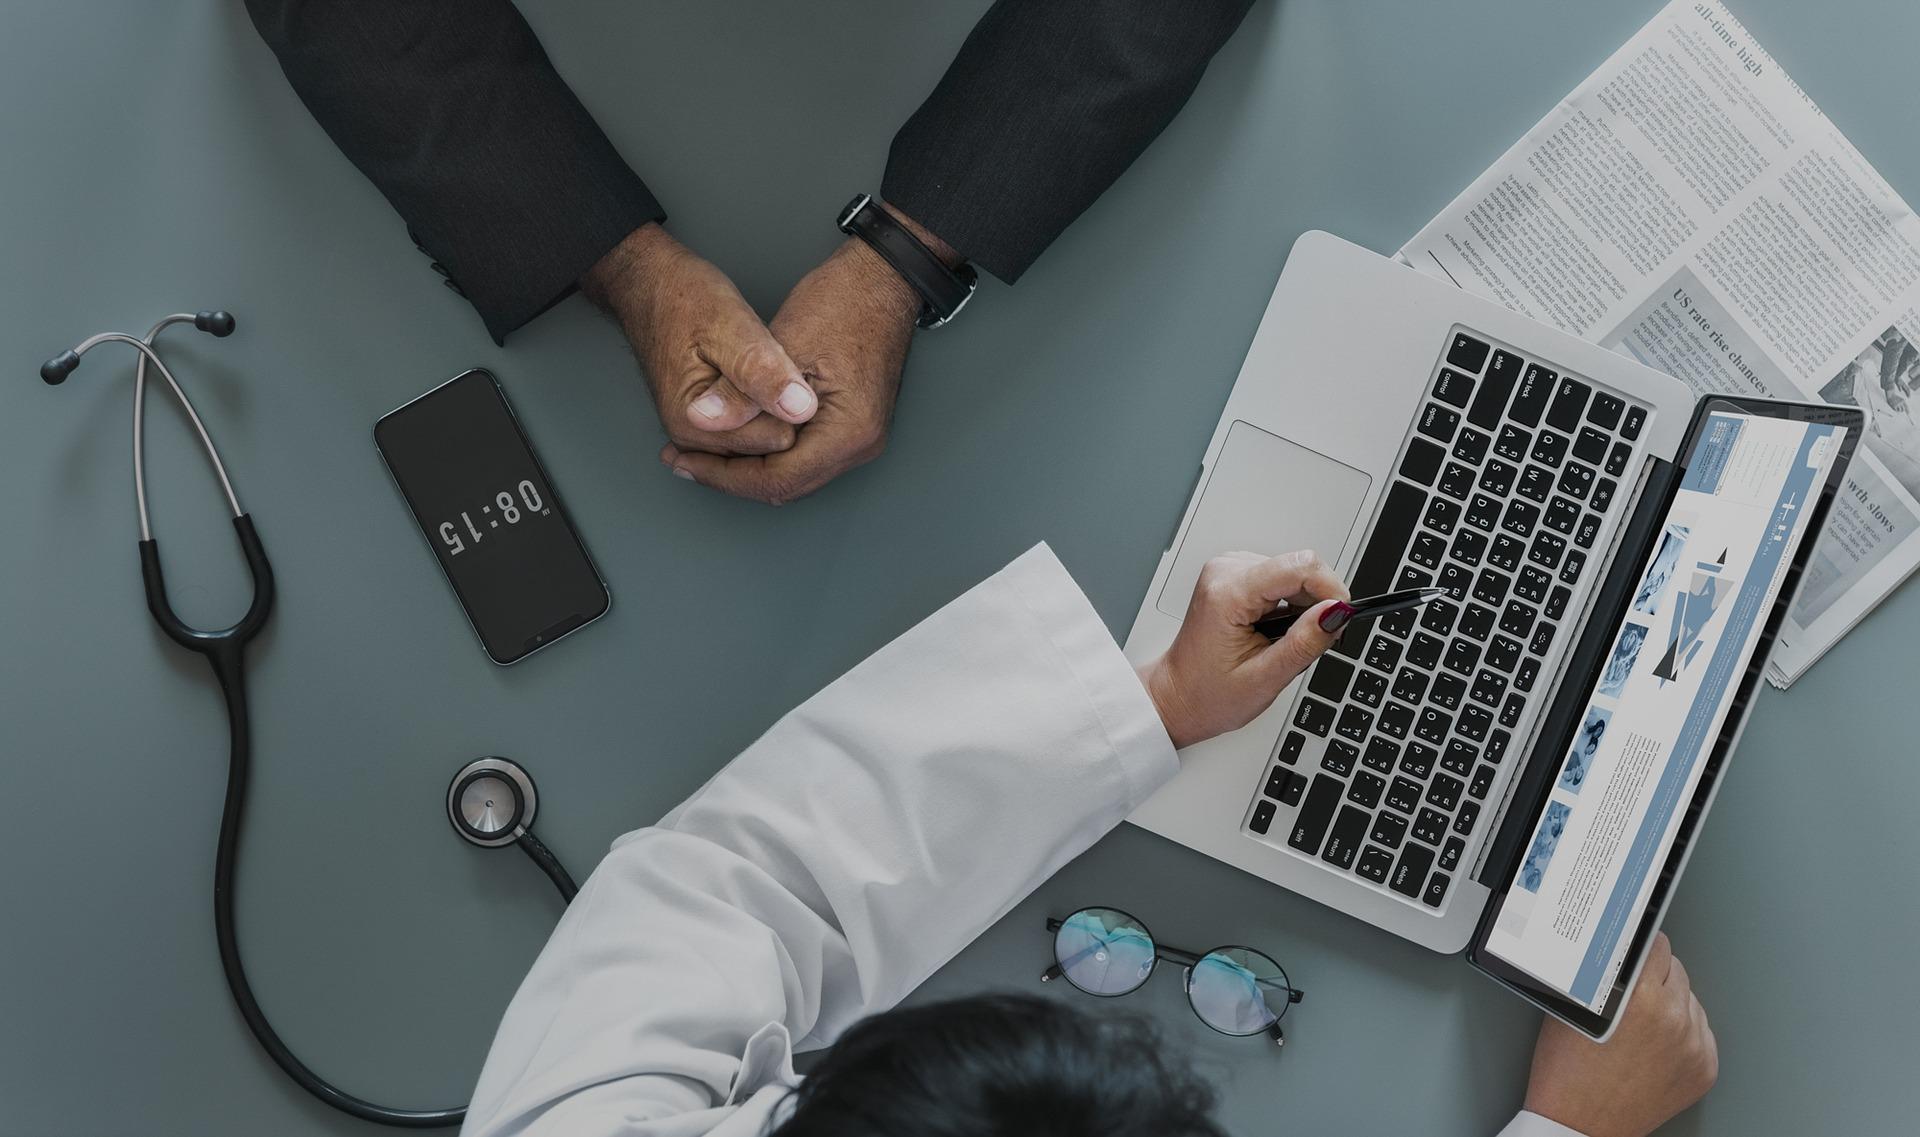 塩野義製薬×アイリス|インフルエンザの早期診断・早期治療を目指して、資本業務提携契約を締結